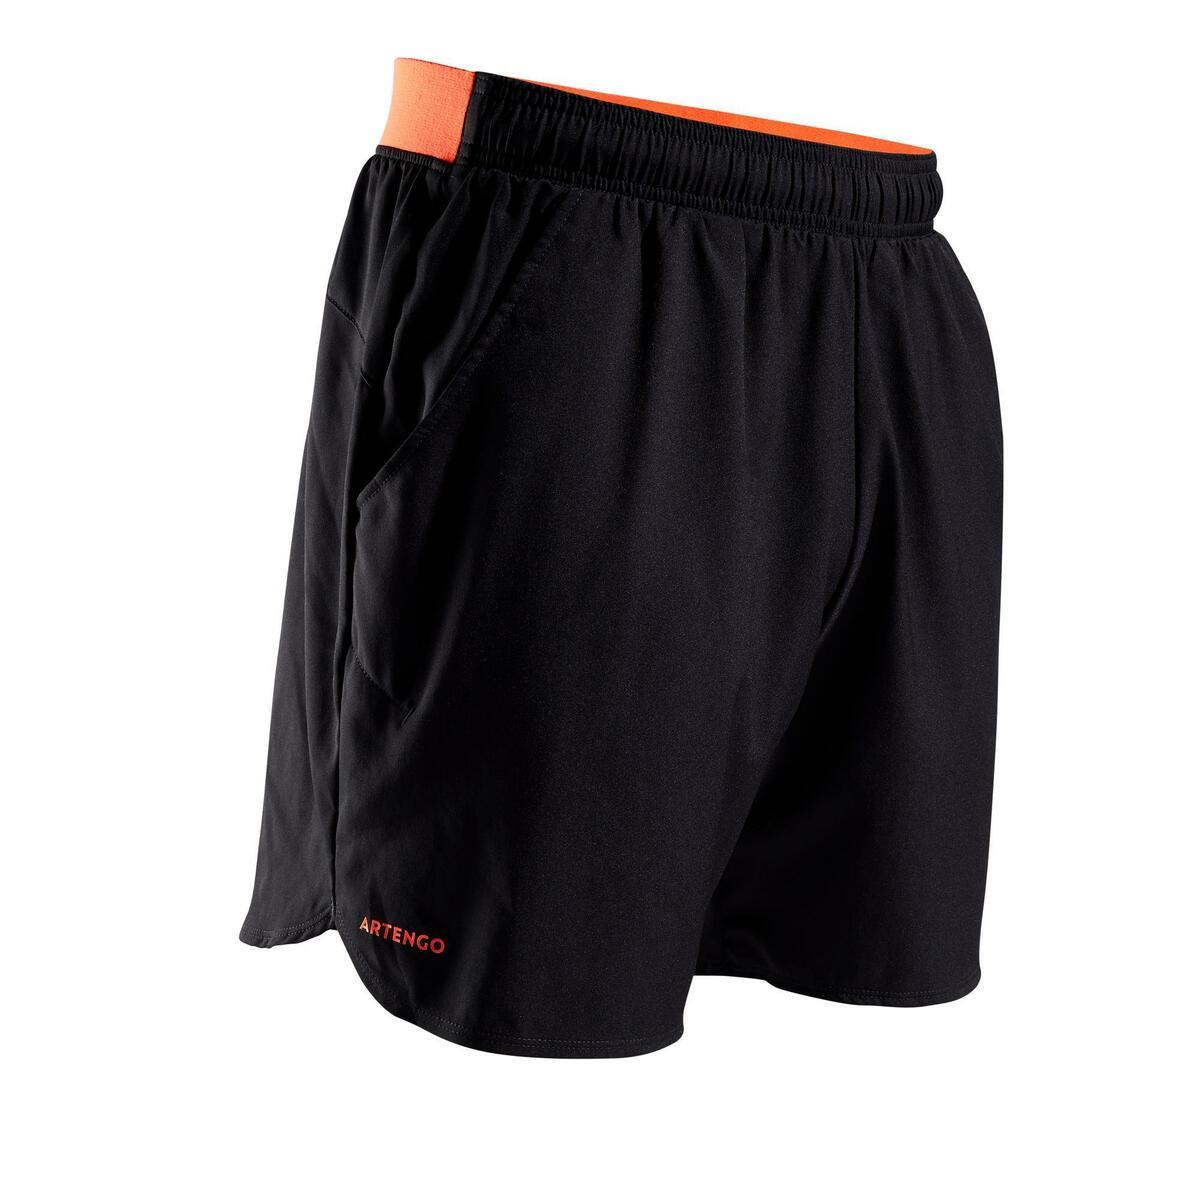 Bild 1 von Tennis-Shorts Dry 500 Herren schwarz/orange